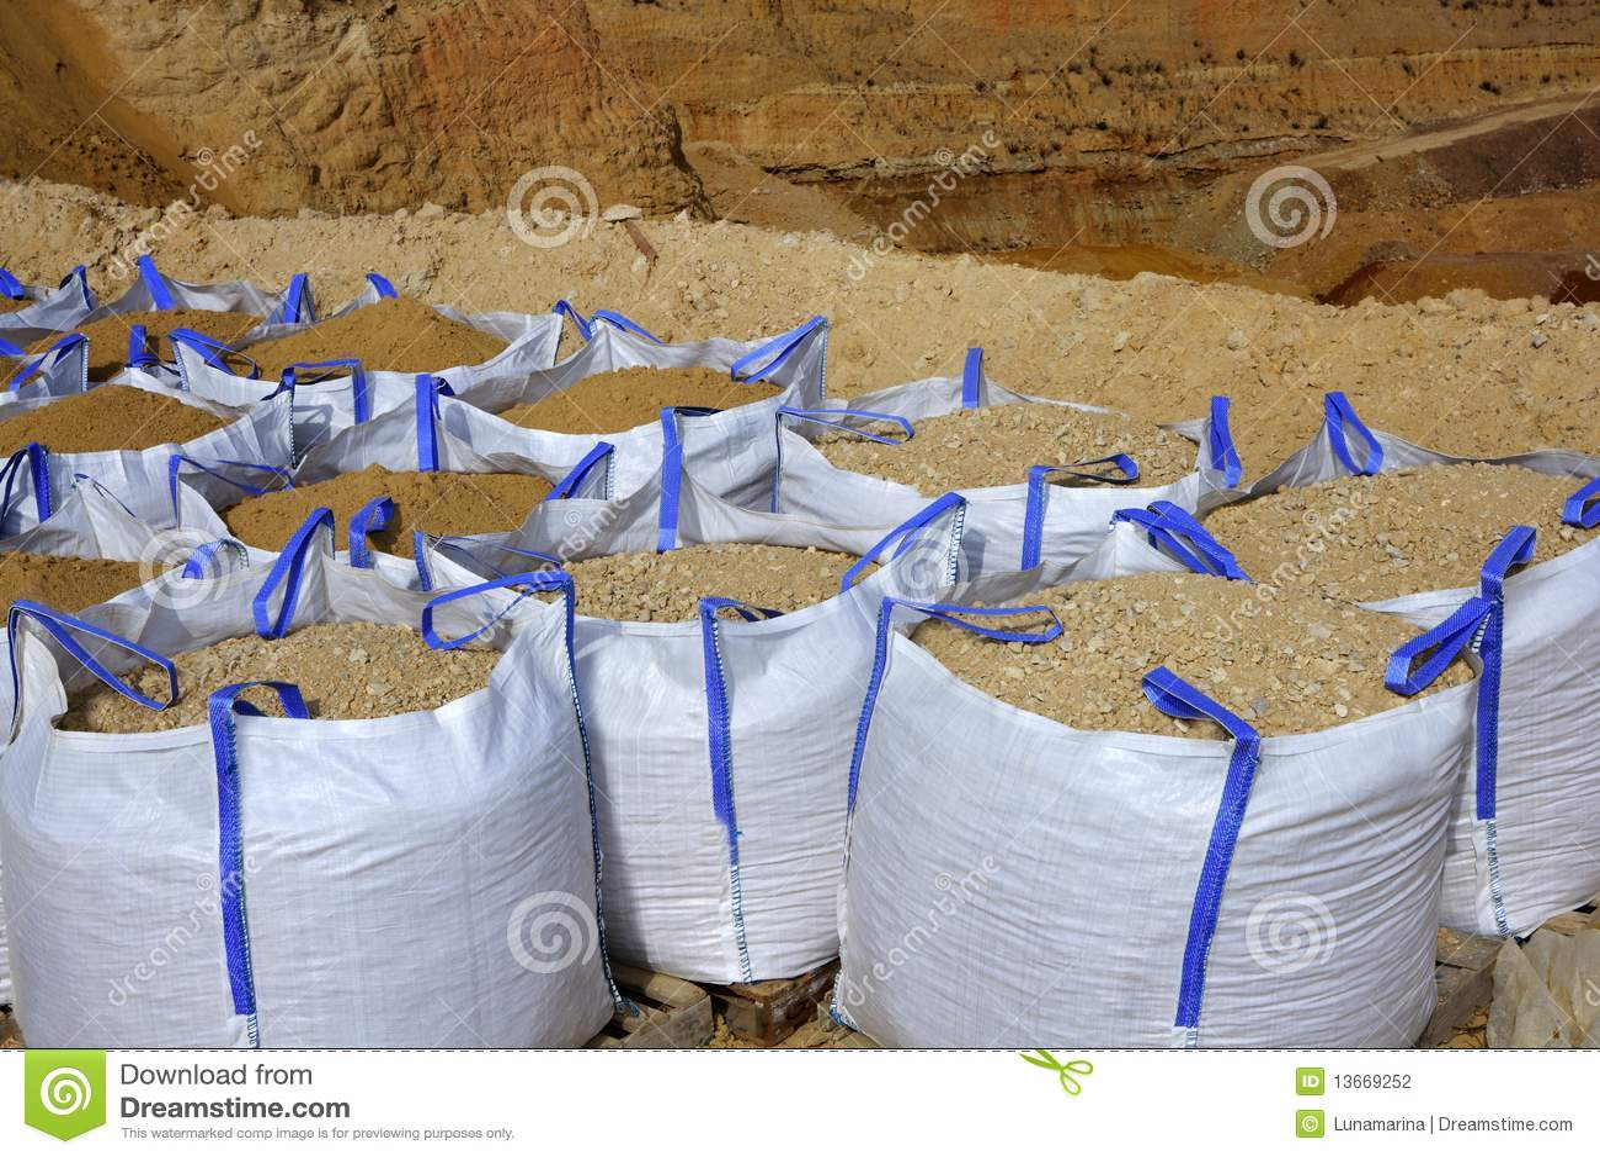 sable blanc de sac de sac de sable le grand renvoie la carri re. Black Bedroom Furniture Sets. Home Design Ideas